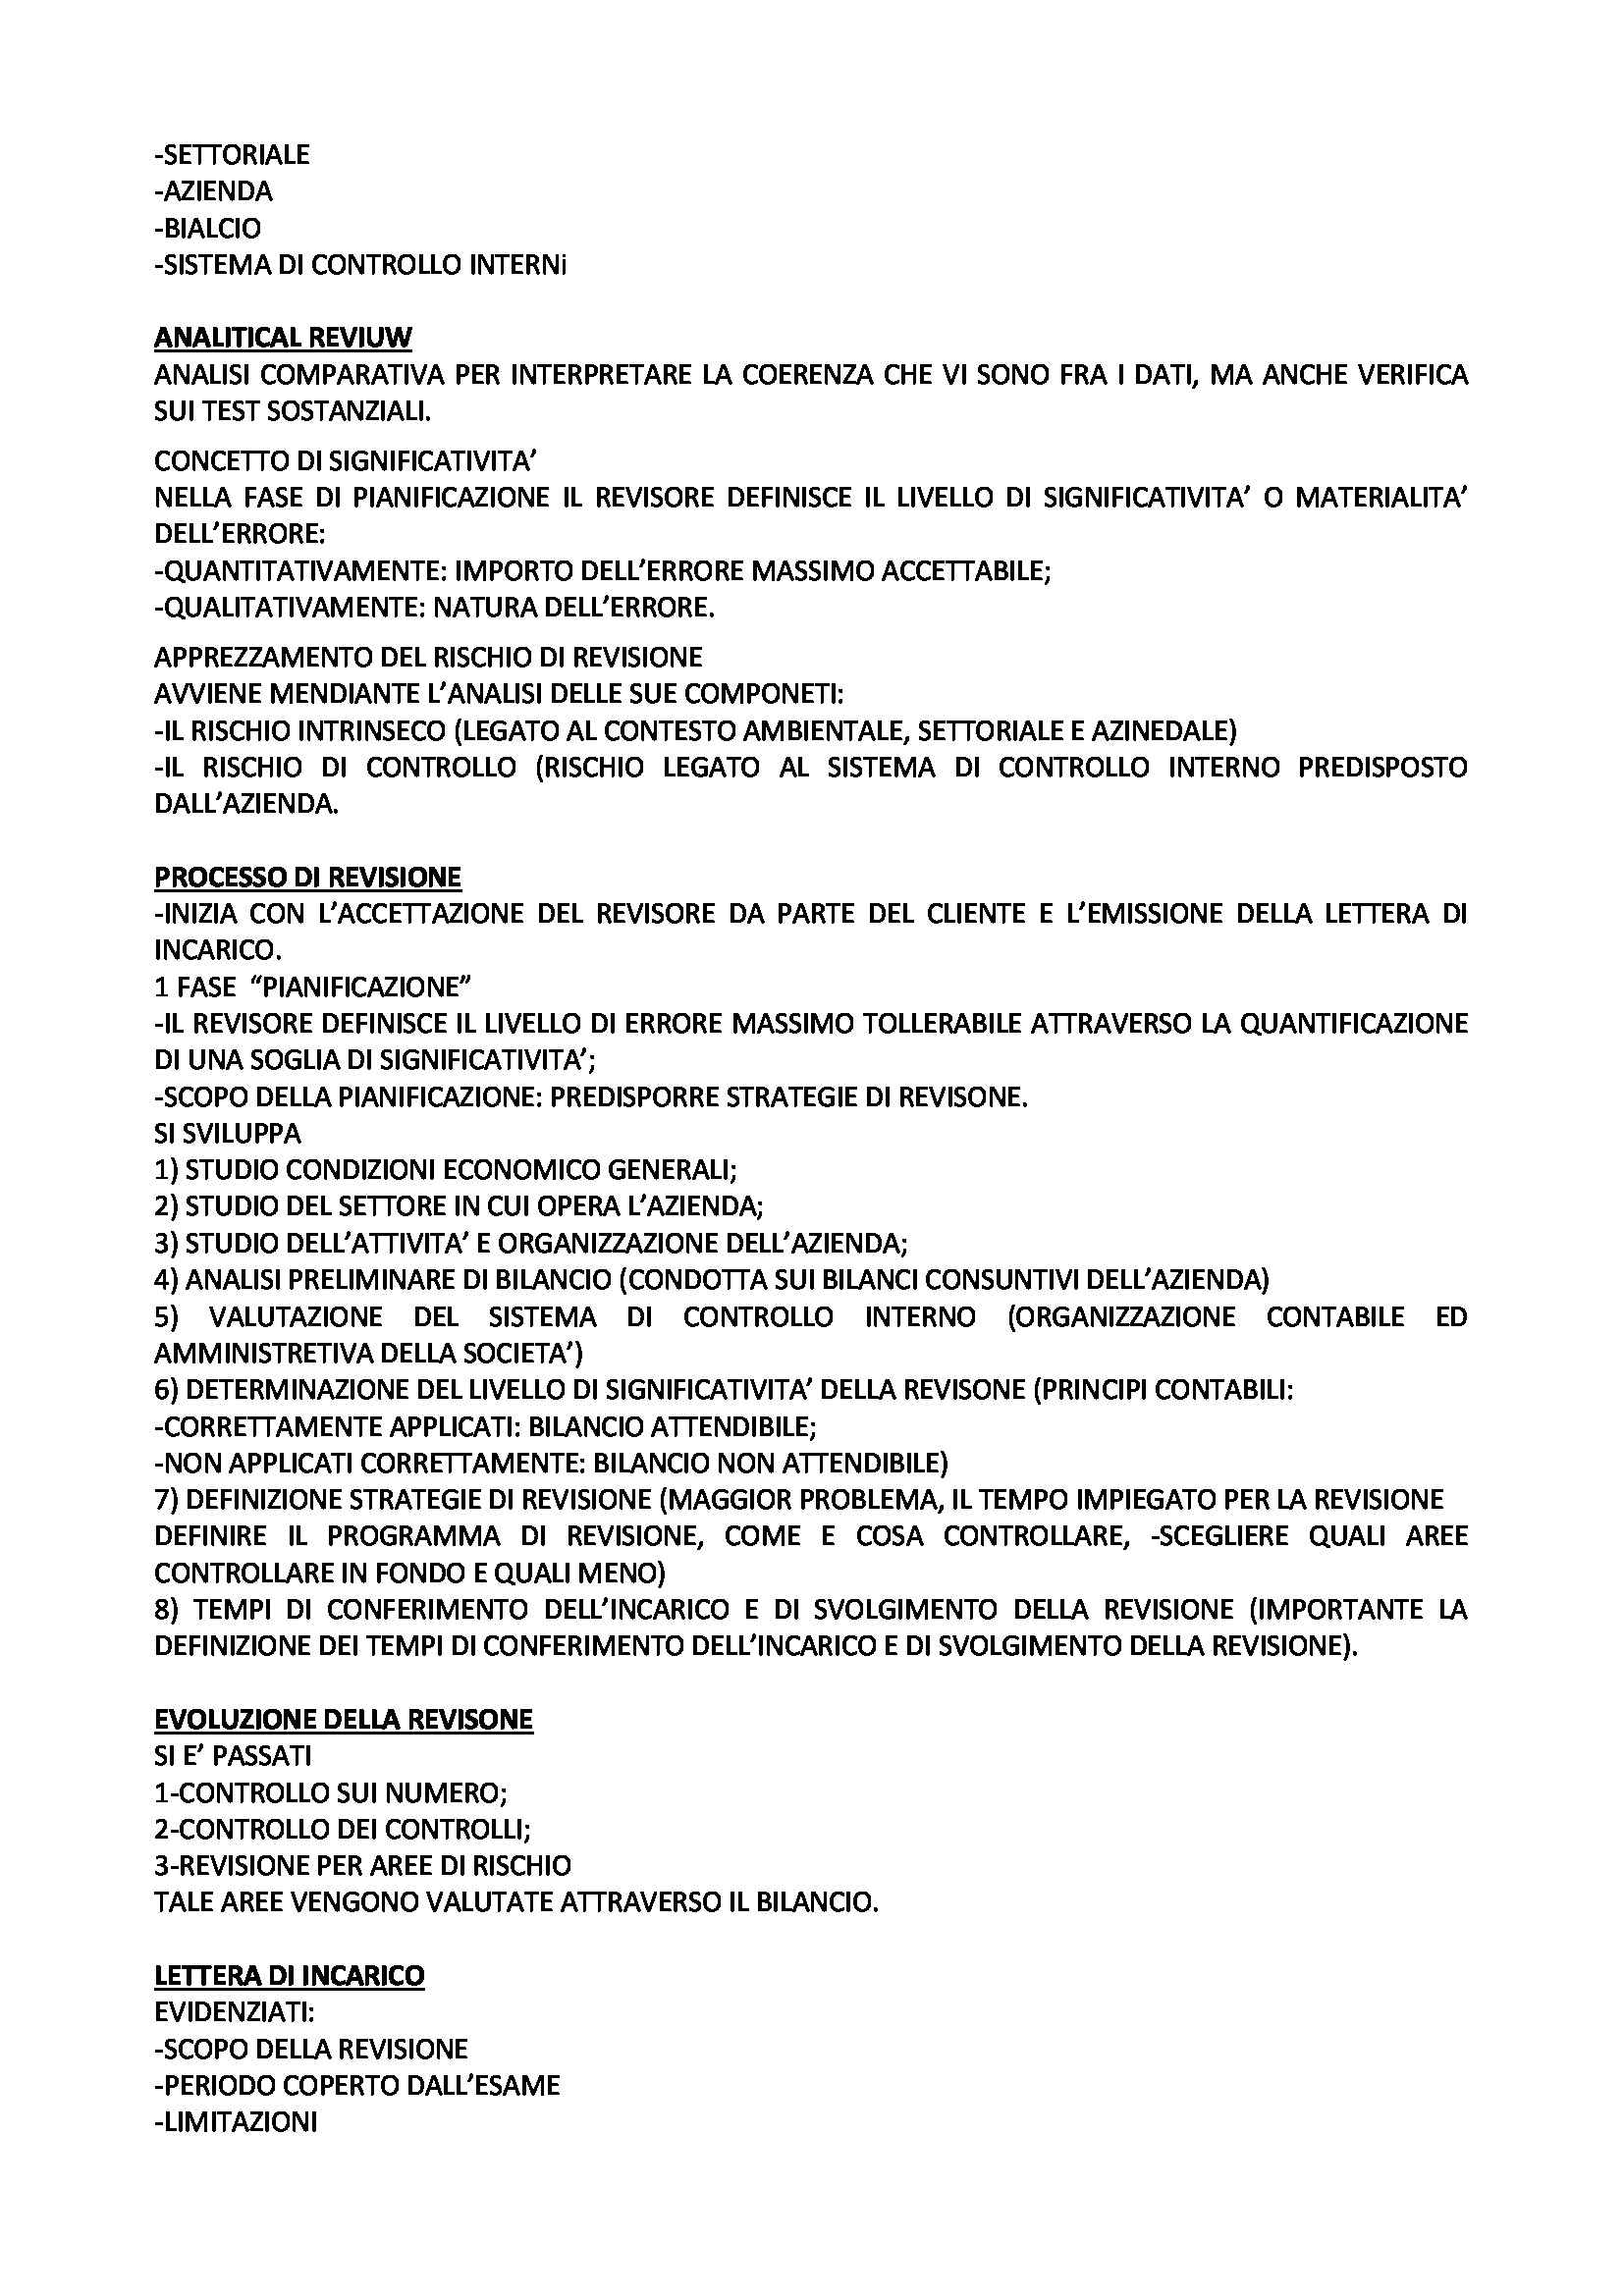 Revisione aziendale - Appunti e schemi Pag. 6